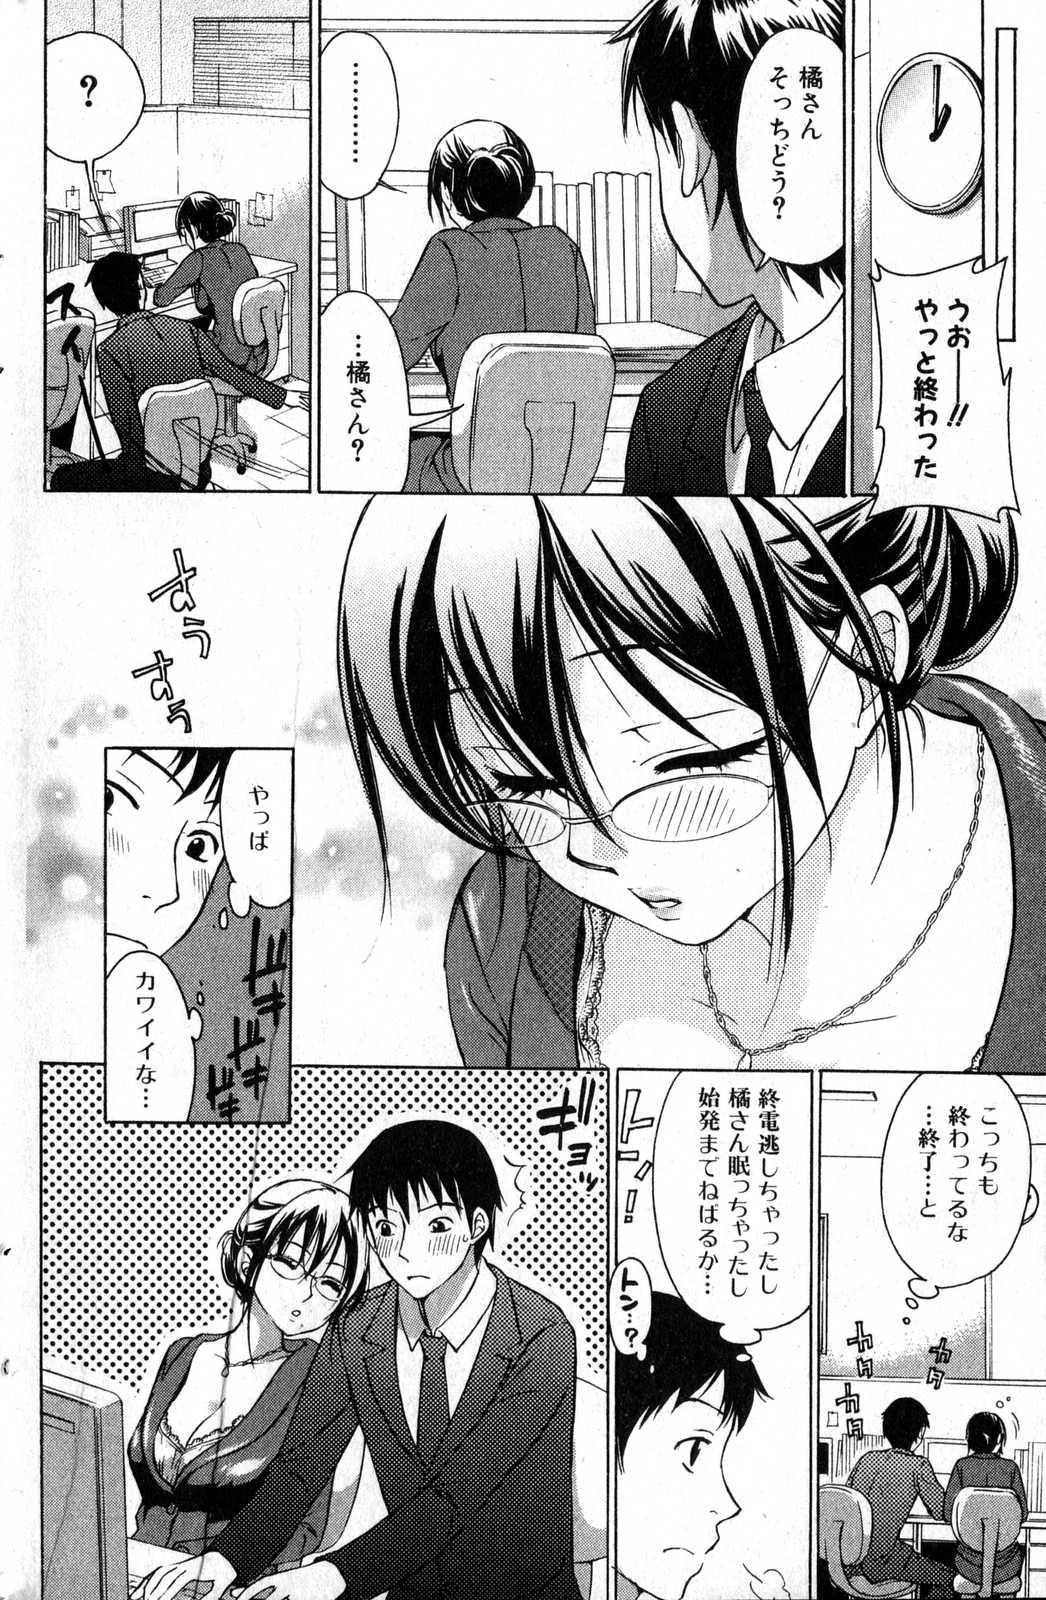 Bishoujo Teki Kaikatsu Ryoku 2007 Vol.15 85